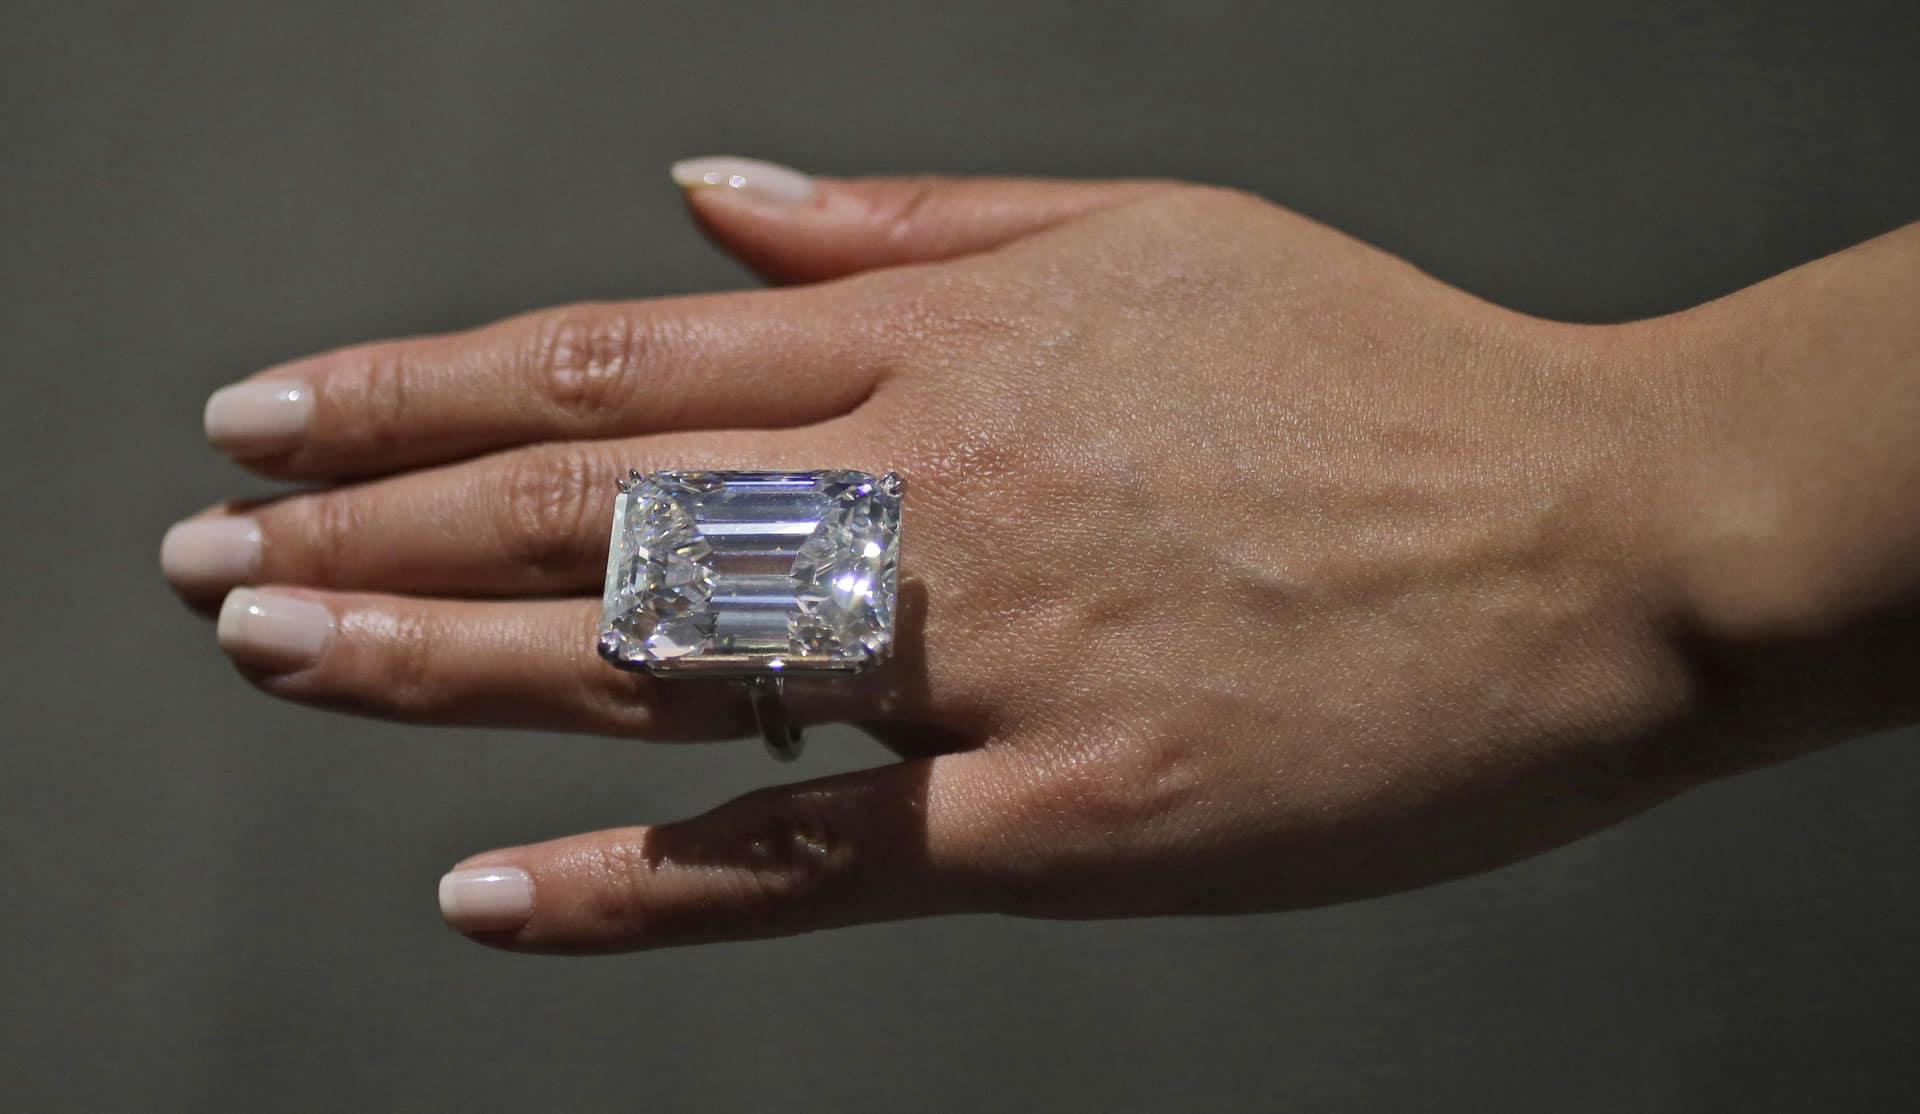 Diamant für $22 Millionen bei Sotheby's New York versteigert